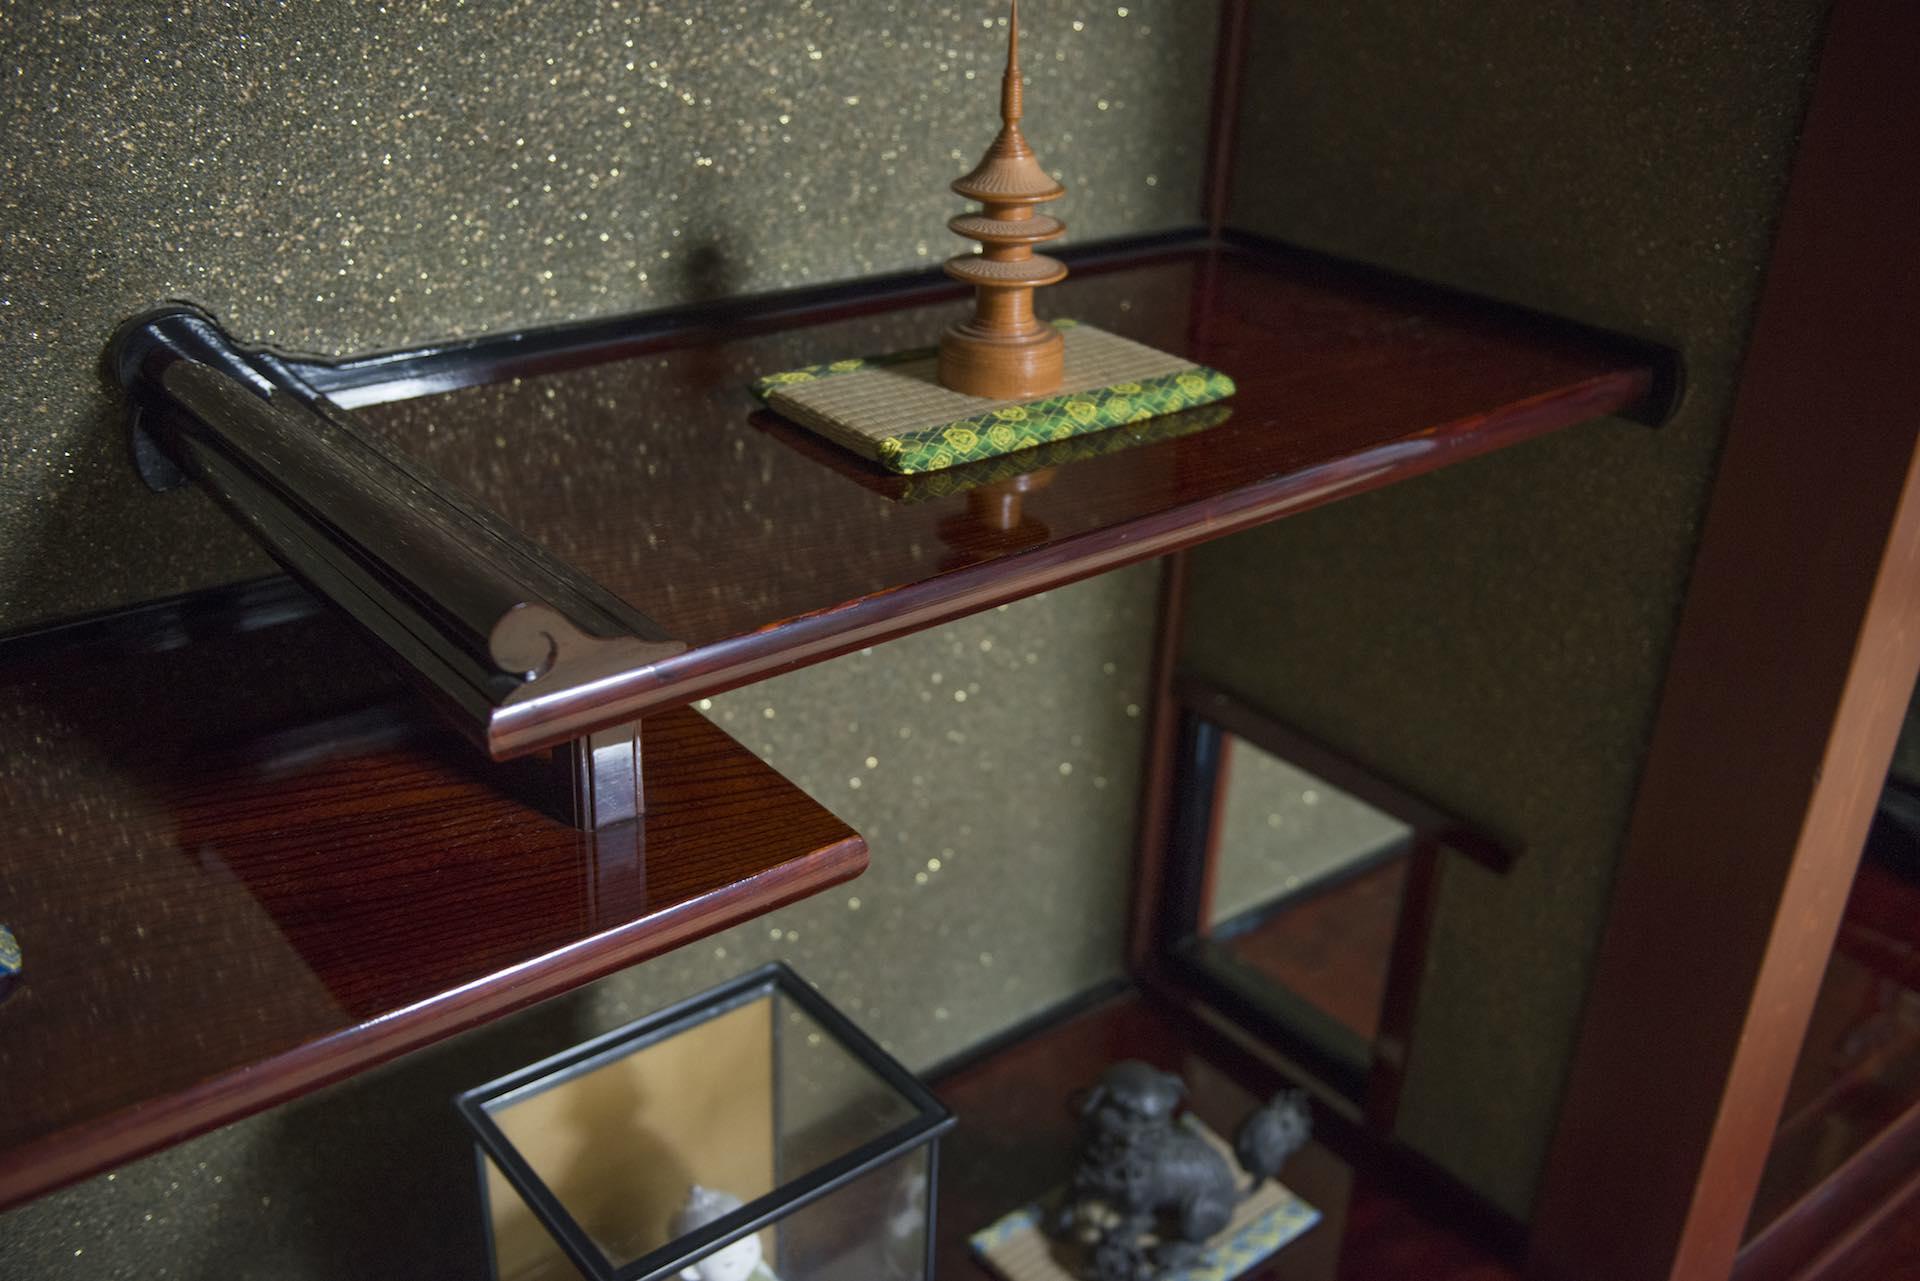 部屋の至るところに漆が用いられている (撮影:上田順子)